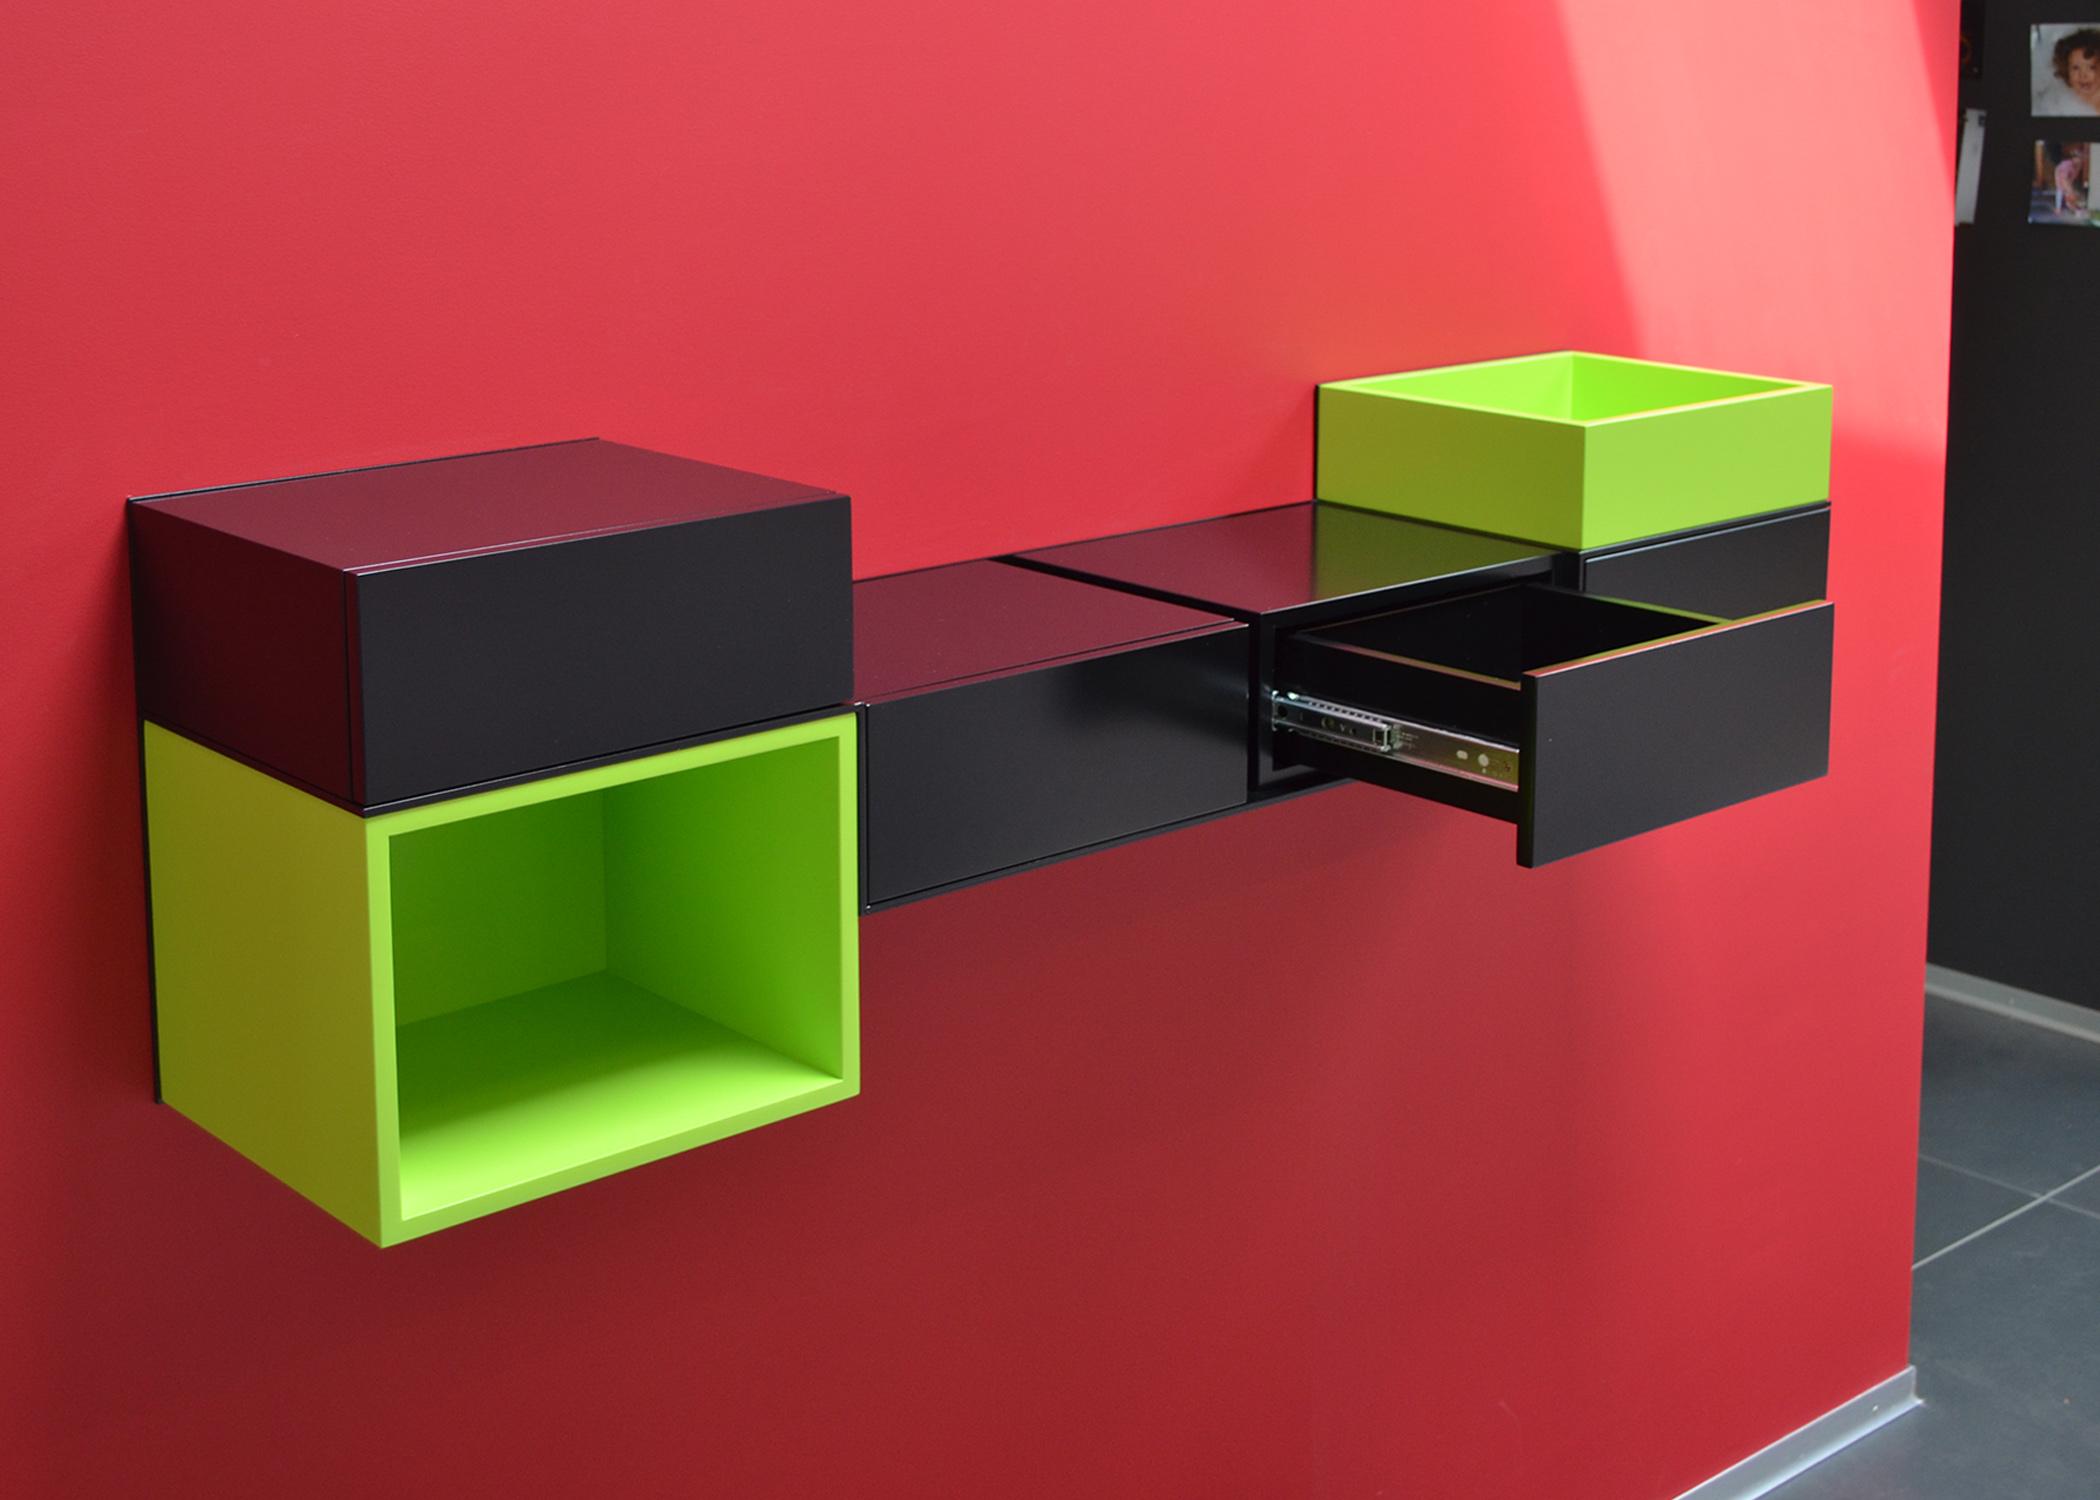 bureau console murale sur mesure Pas-Pied, réalisation client particulier noir et vert pistache, mobilier Les Pieds Sur La Table